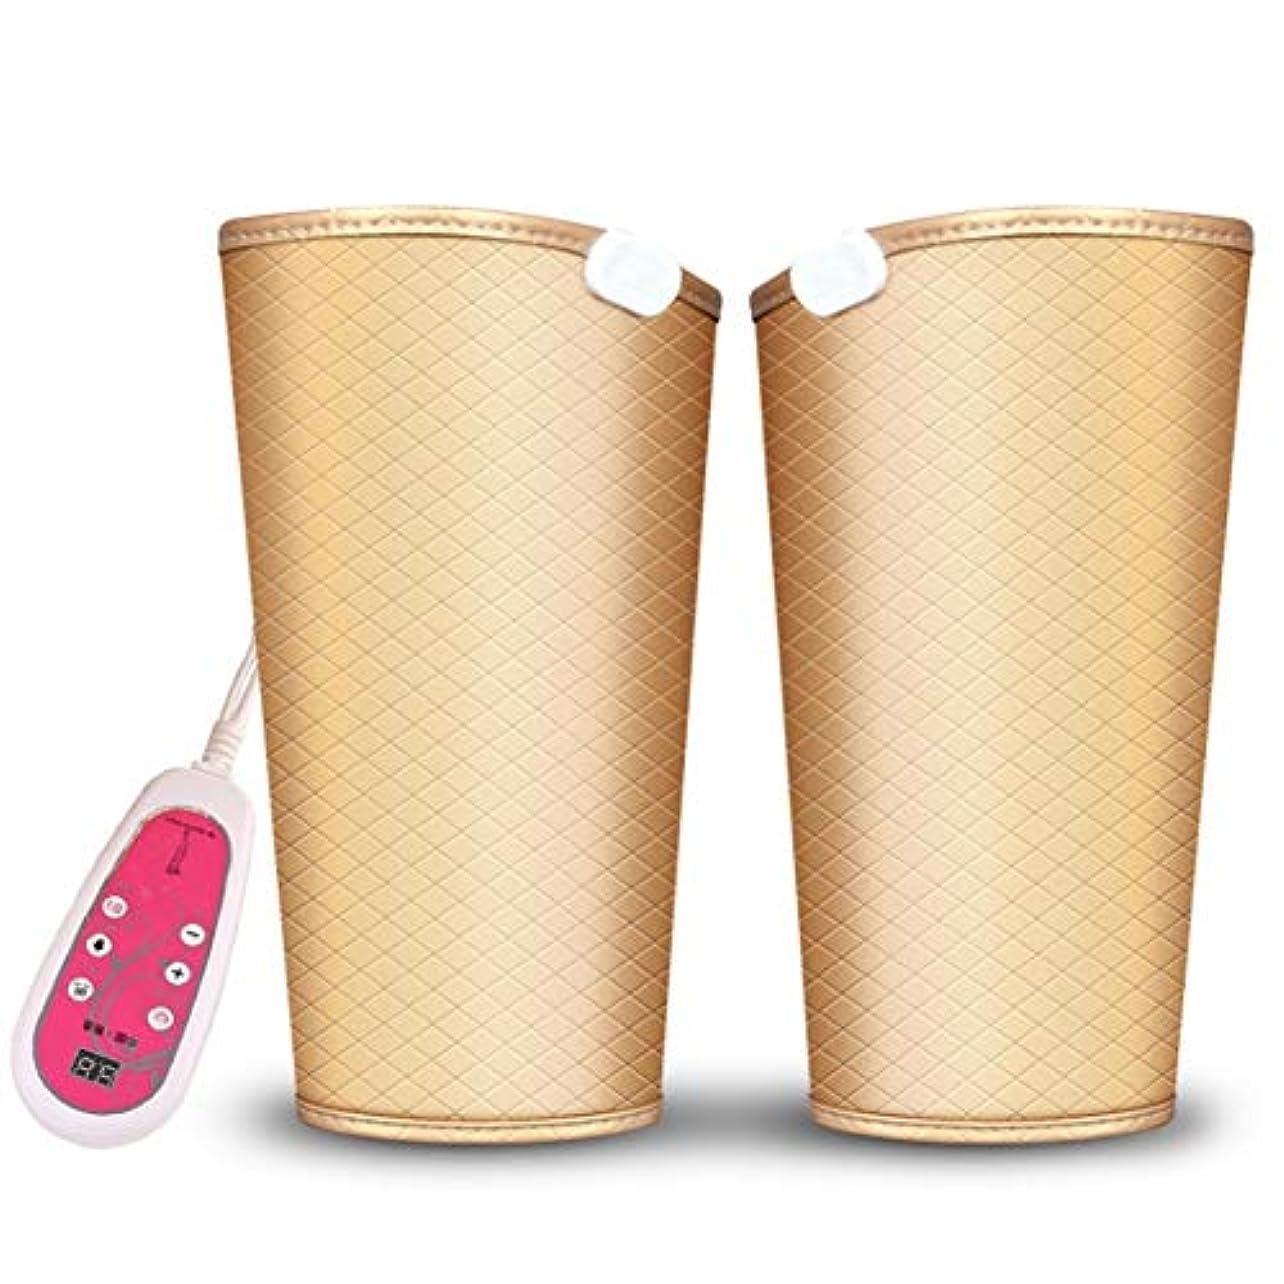 上がる五月騒々しい脚マッサージャーふくらはぎ脚マッサージャー、けいれん関節炎の痛みを軽減するためのマッサージ